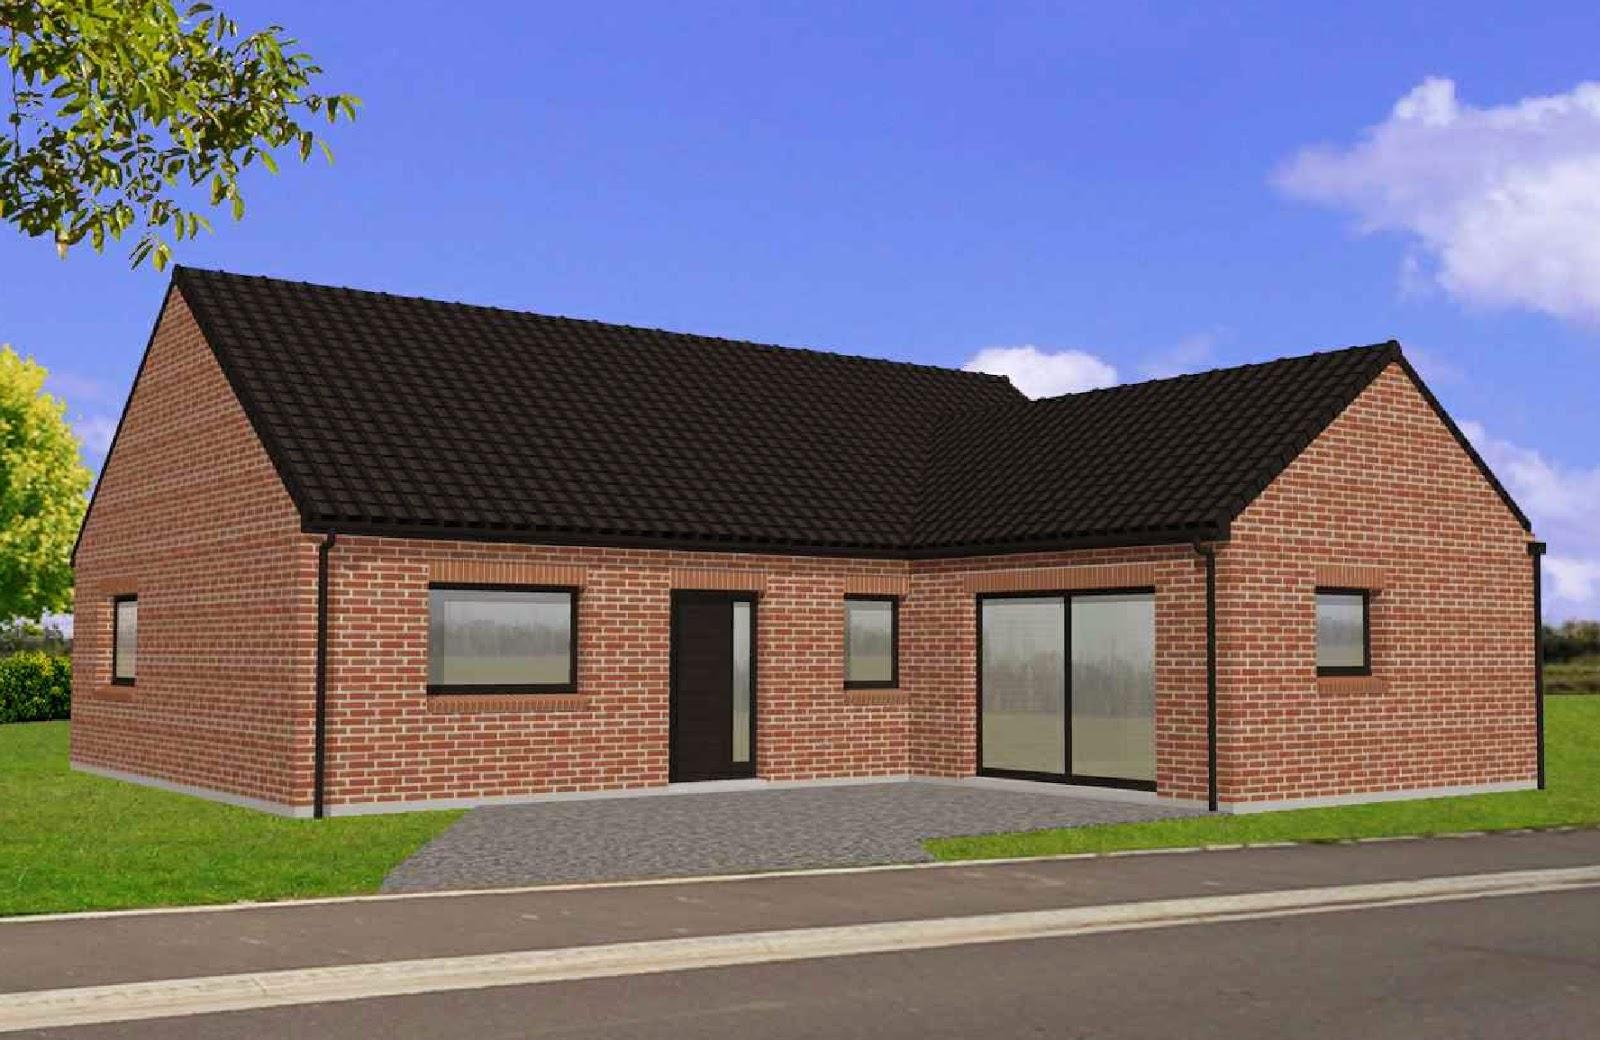 Maison-Familiale LILLE: NOEUX LES MINES - Plain Pied - 115 m²